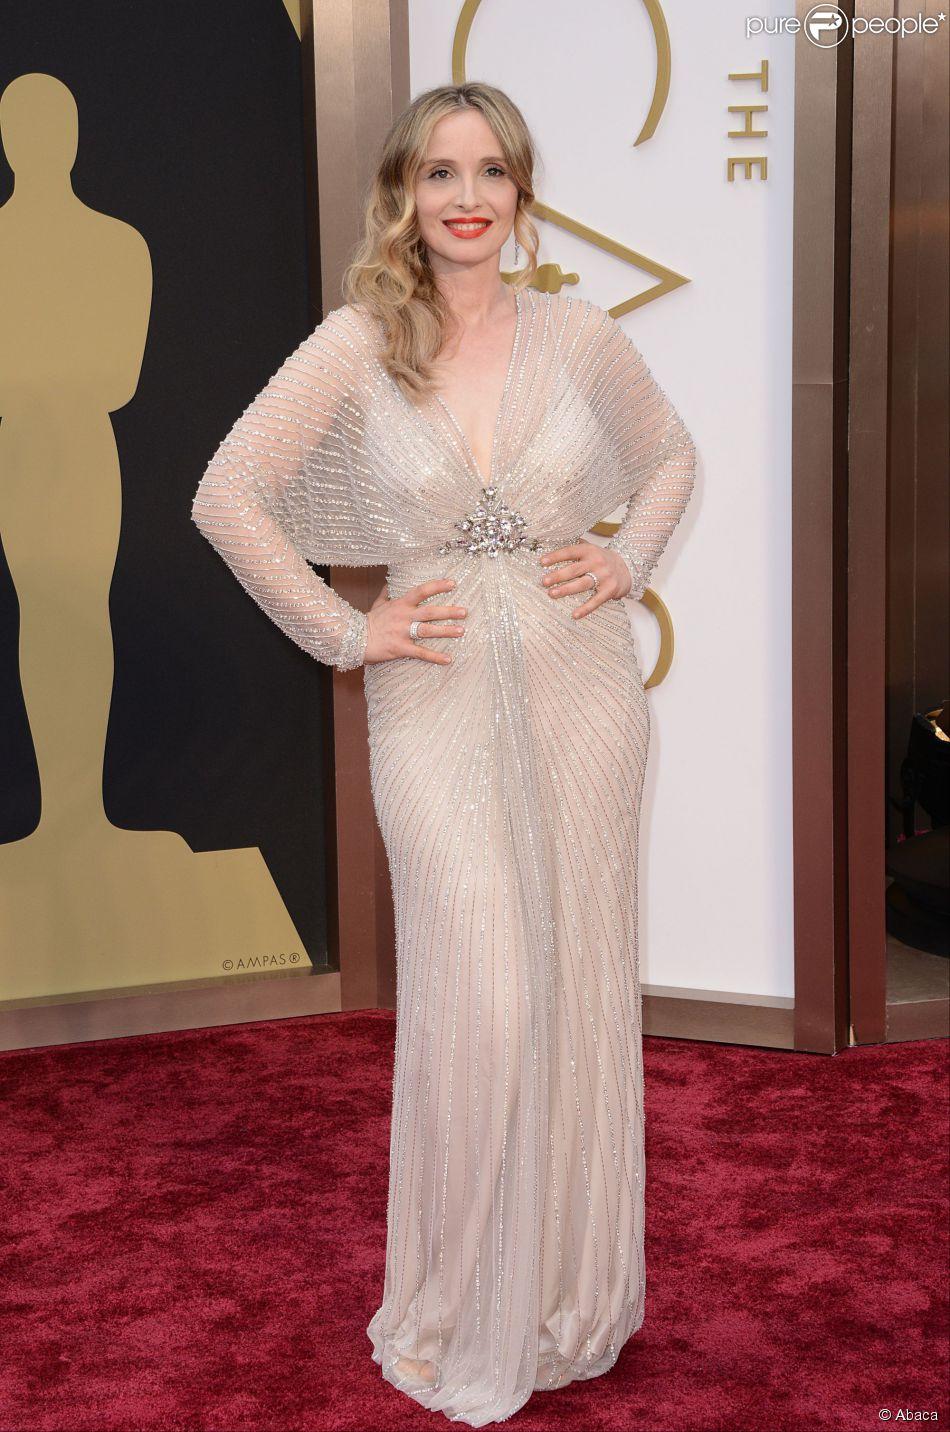 """Julie Delpy à la 86e cérémonie des Oscars à Los Angeles, le 2 mars 2014. L'actrice et réalisatrice était nommée pour le meilleur scénario adaptée avec le film """"Before Midnight"""". Elle porte une robe Jenny Packham."""